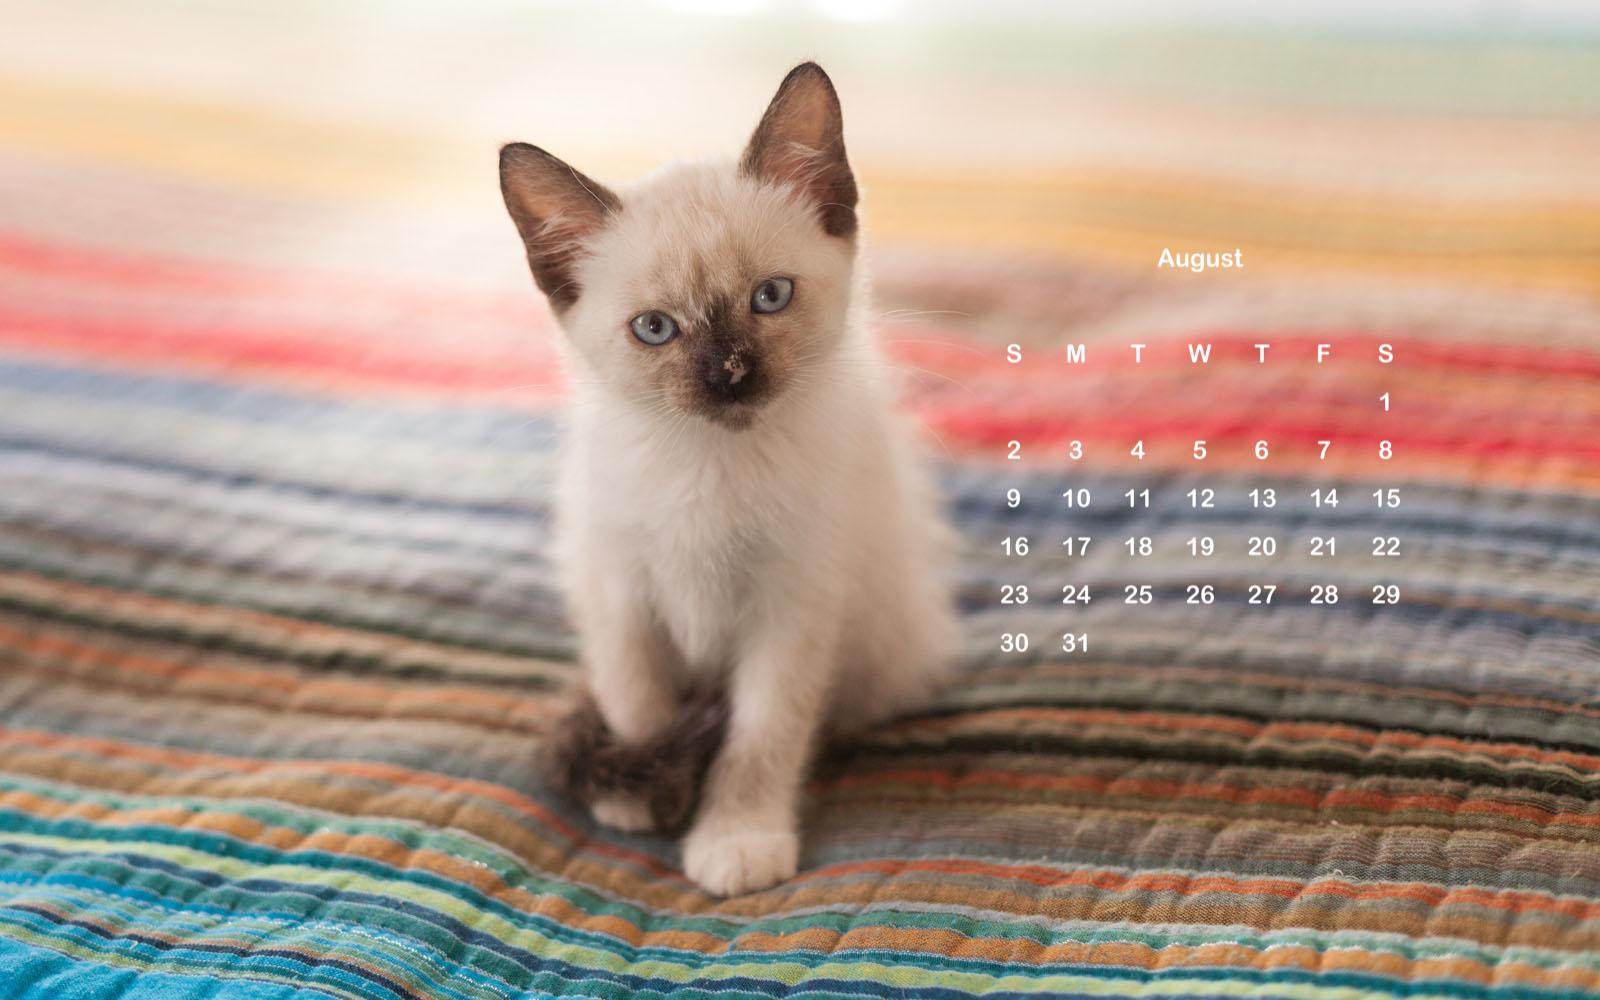 Cute Cat August 2020 Wallpaper